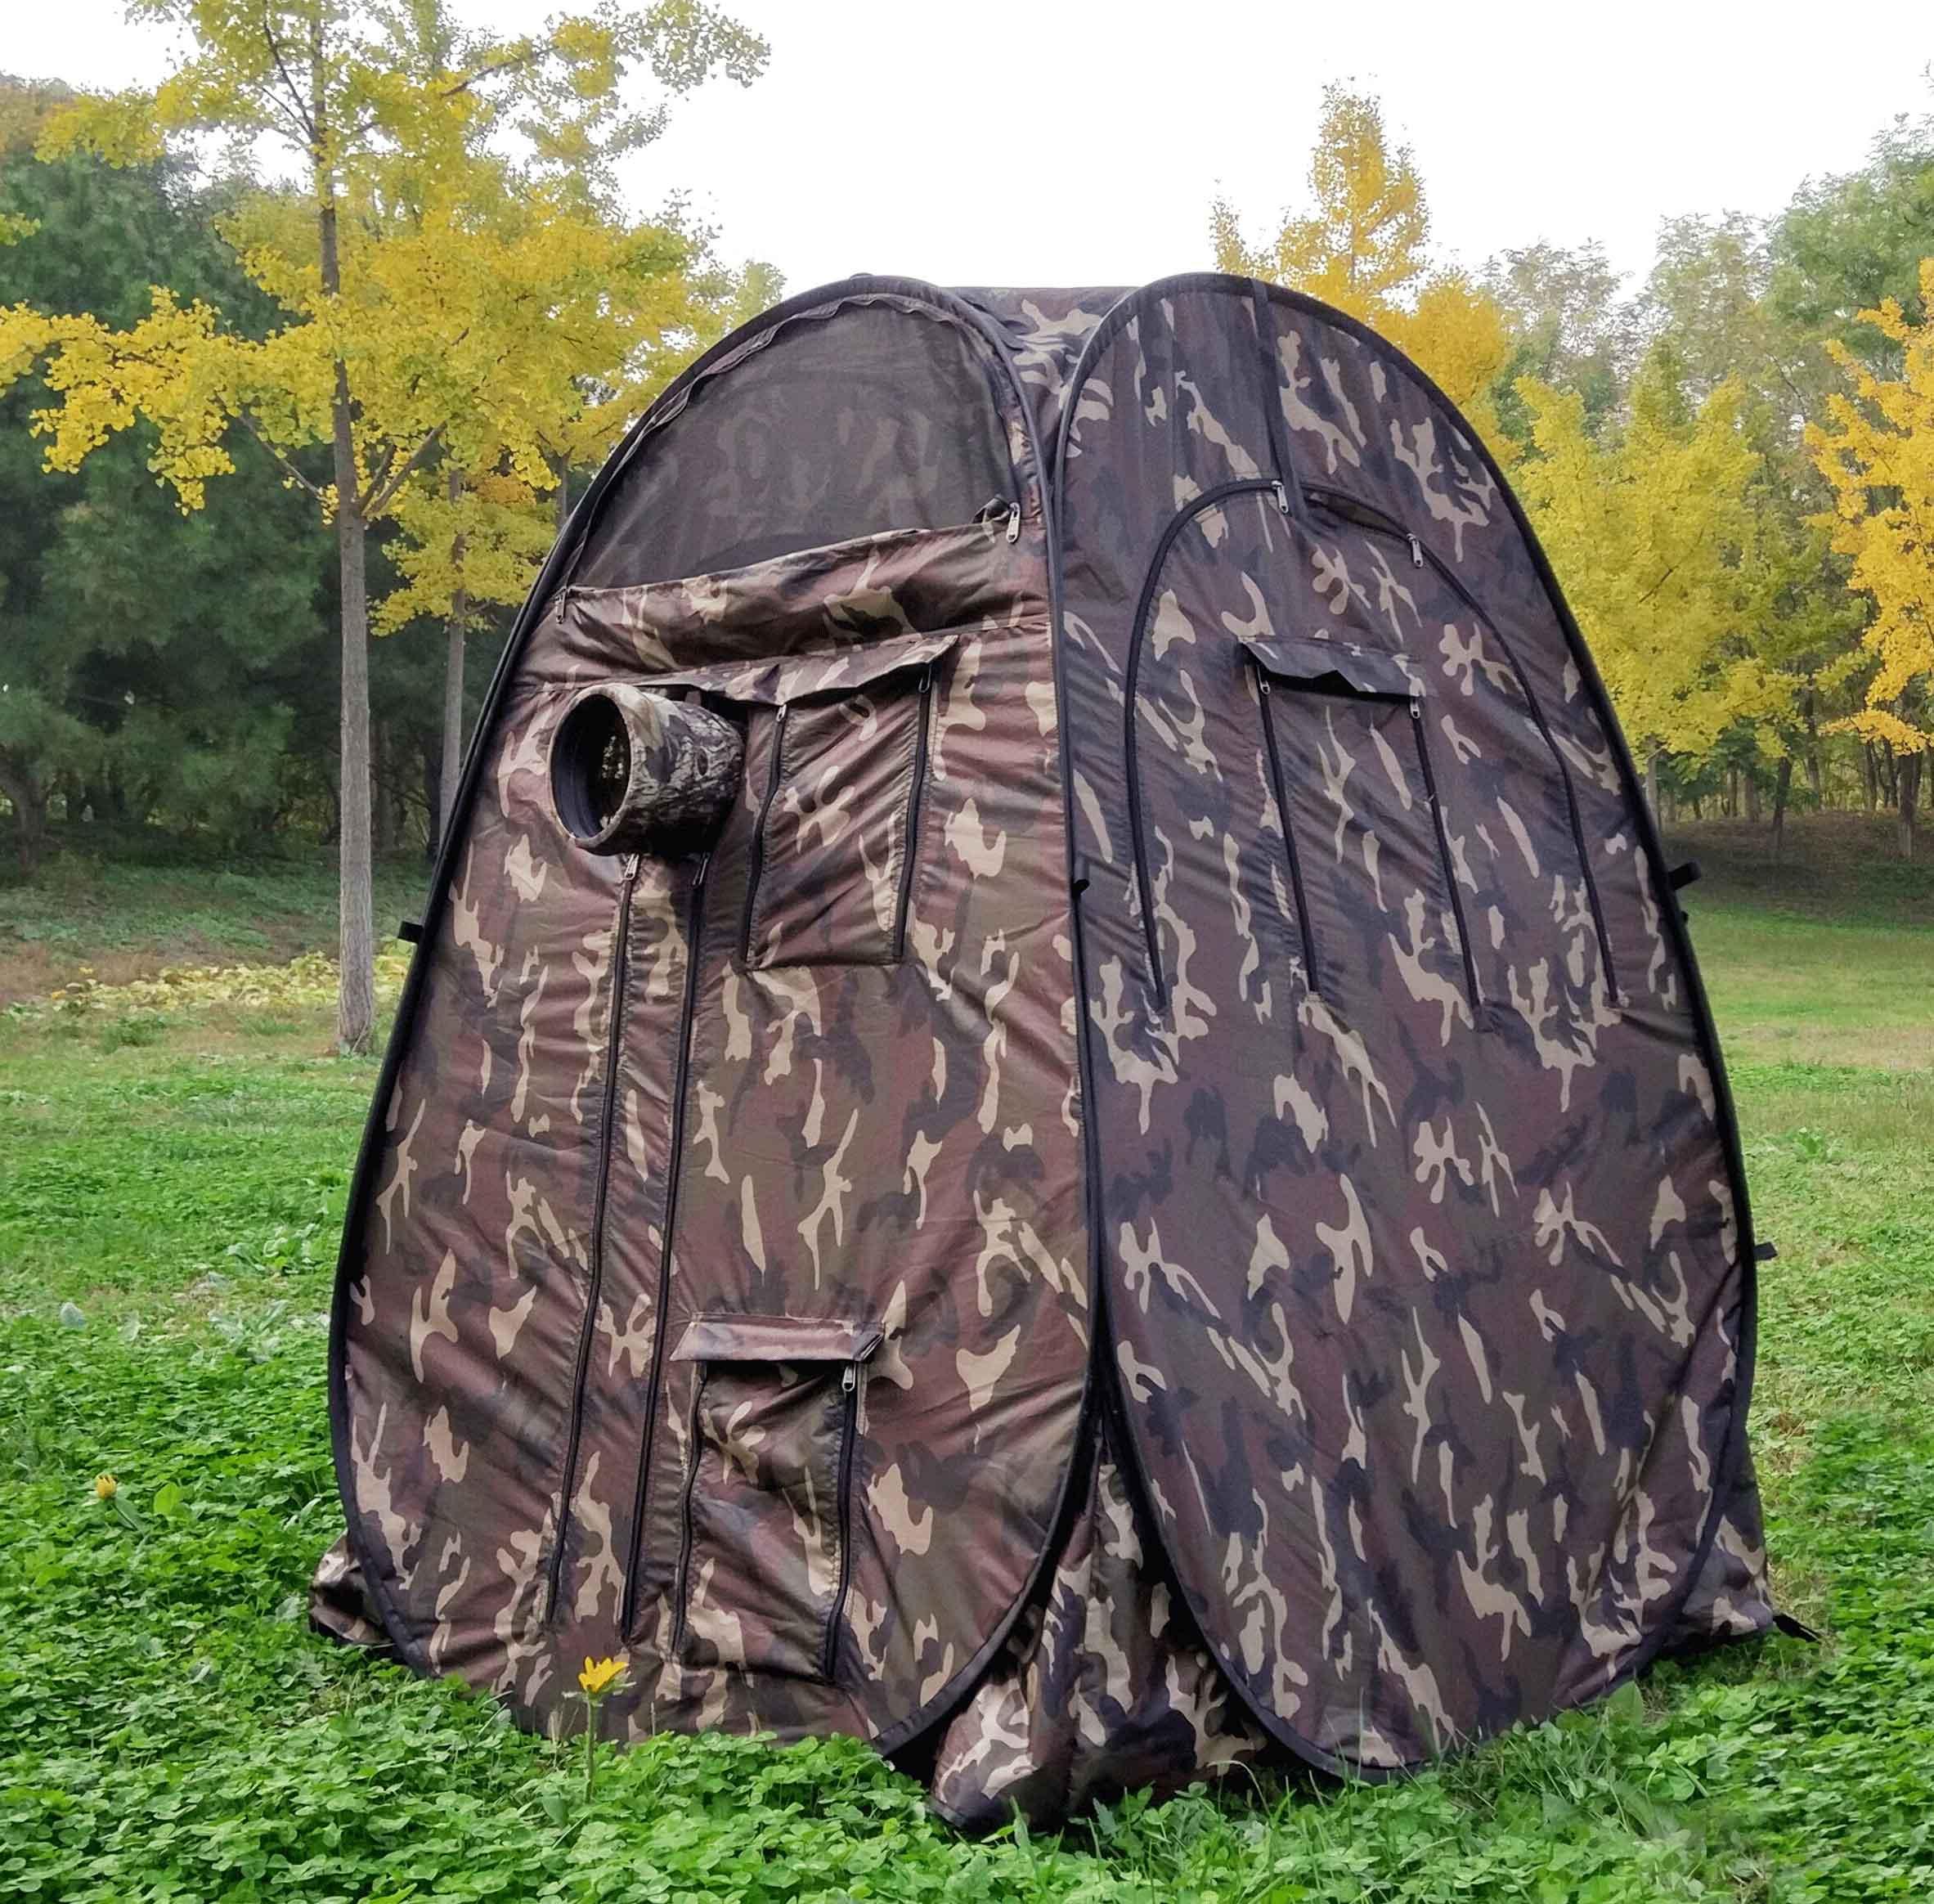 鸟网定制帐篷3.0升级款